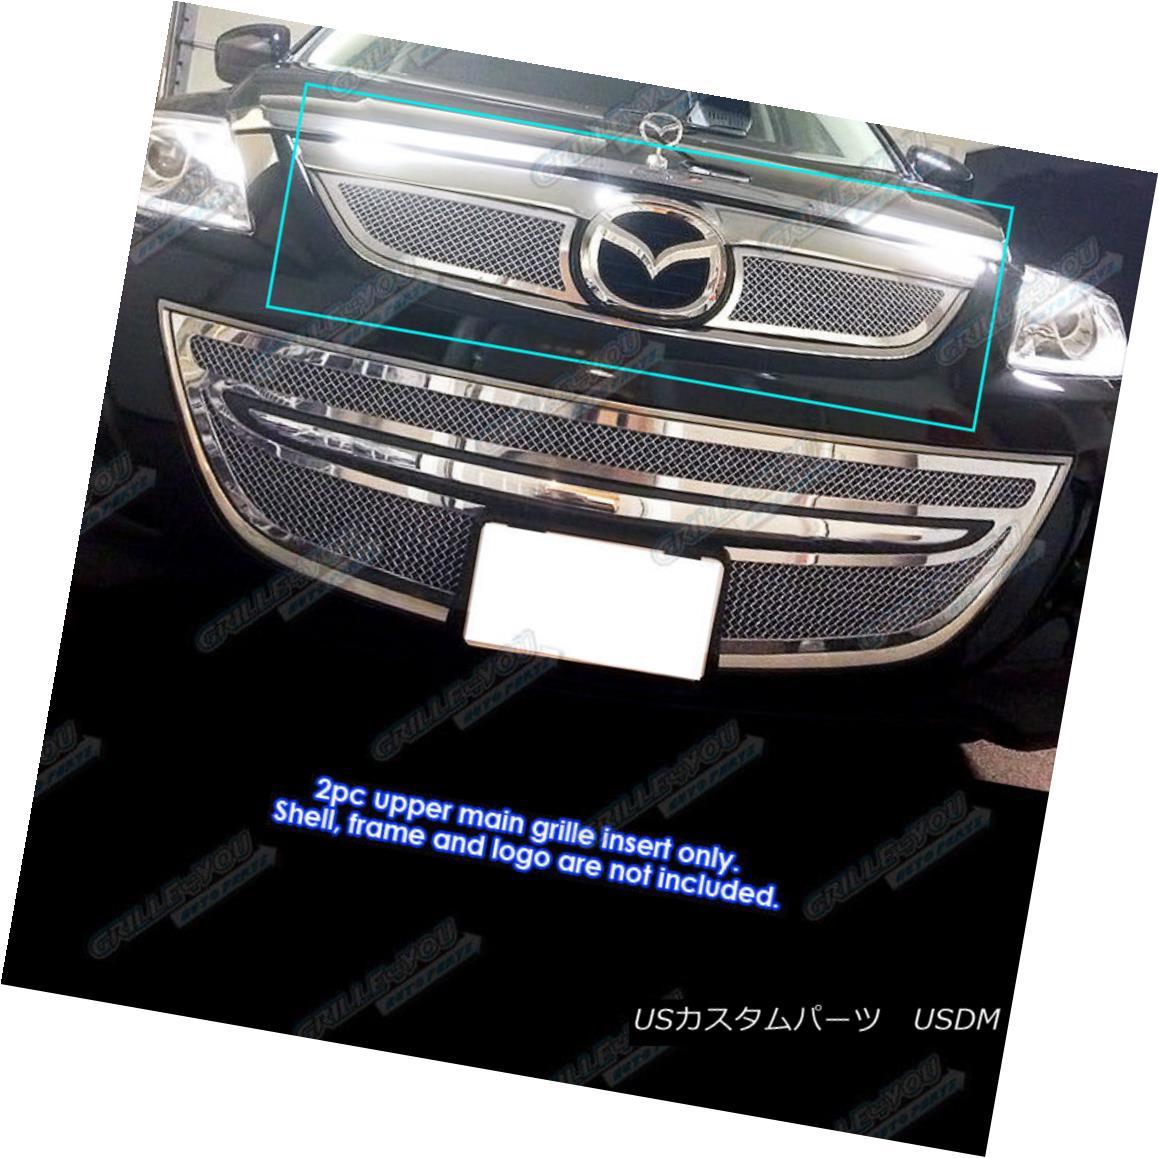 グリル Fits 2010-2013 Mazda CX-9 CX9 Stainless Steel Mesh Grille Grill Insert フィット2010-2013マツダCX - 9 CX9ステンレスメッシュグリルグリルインサート